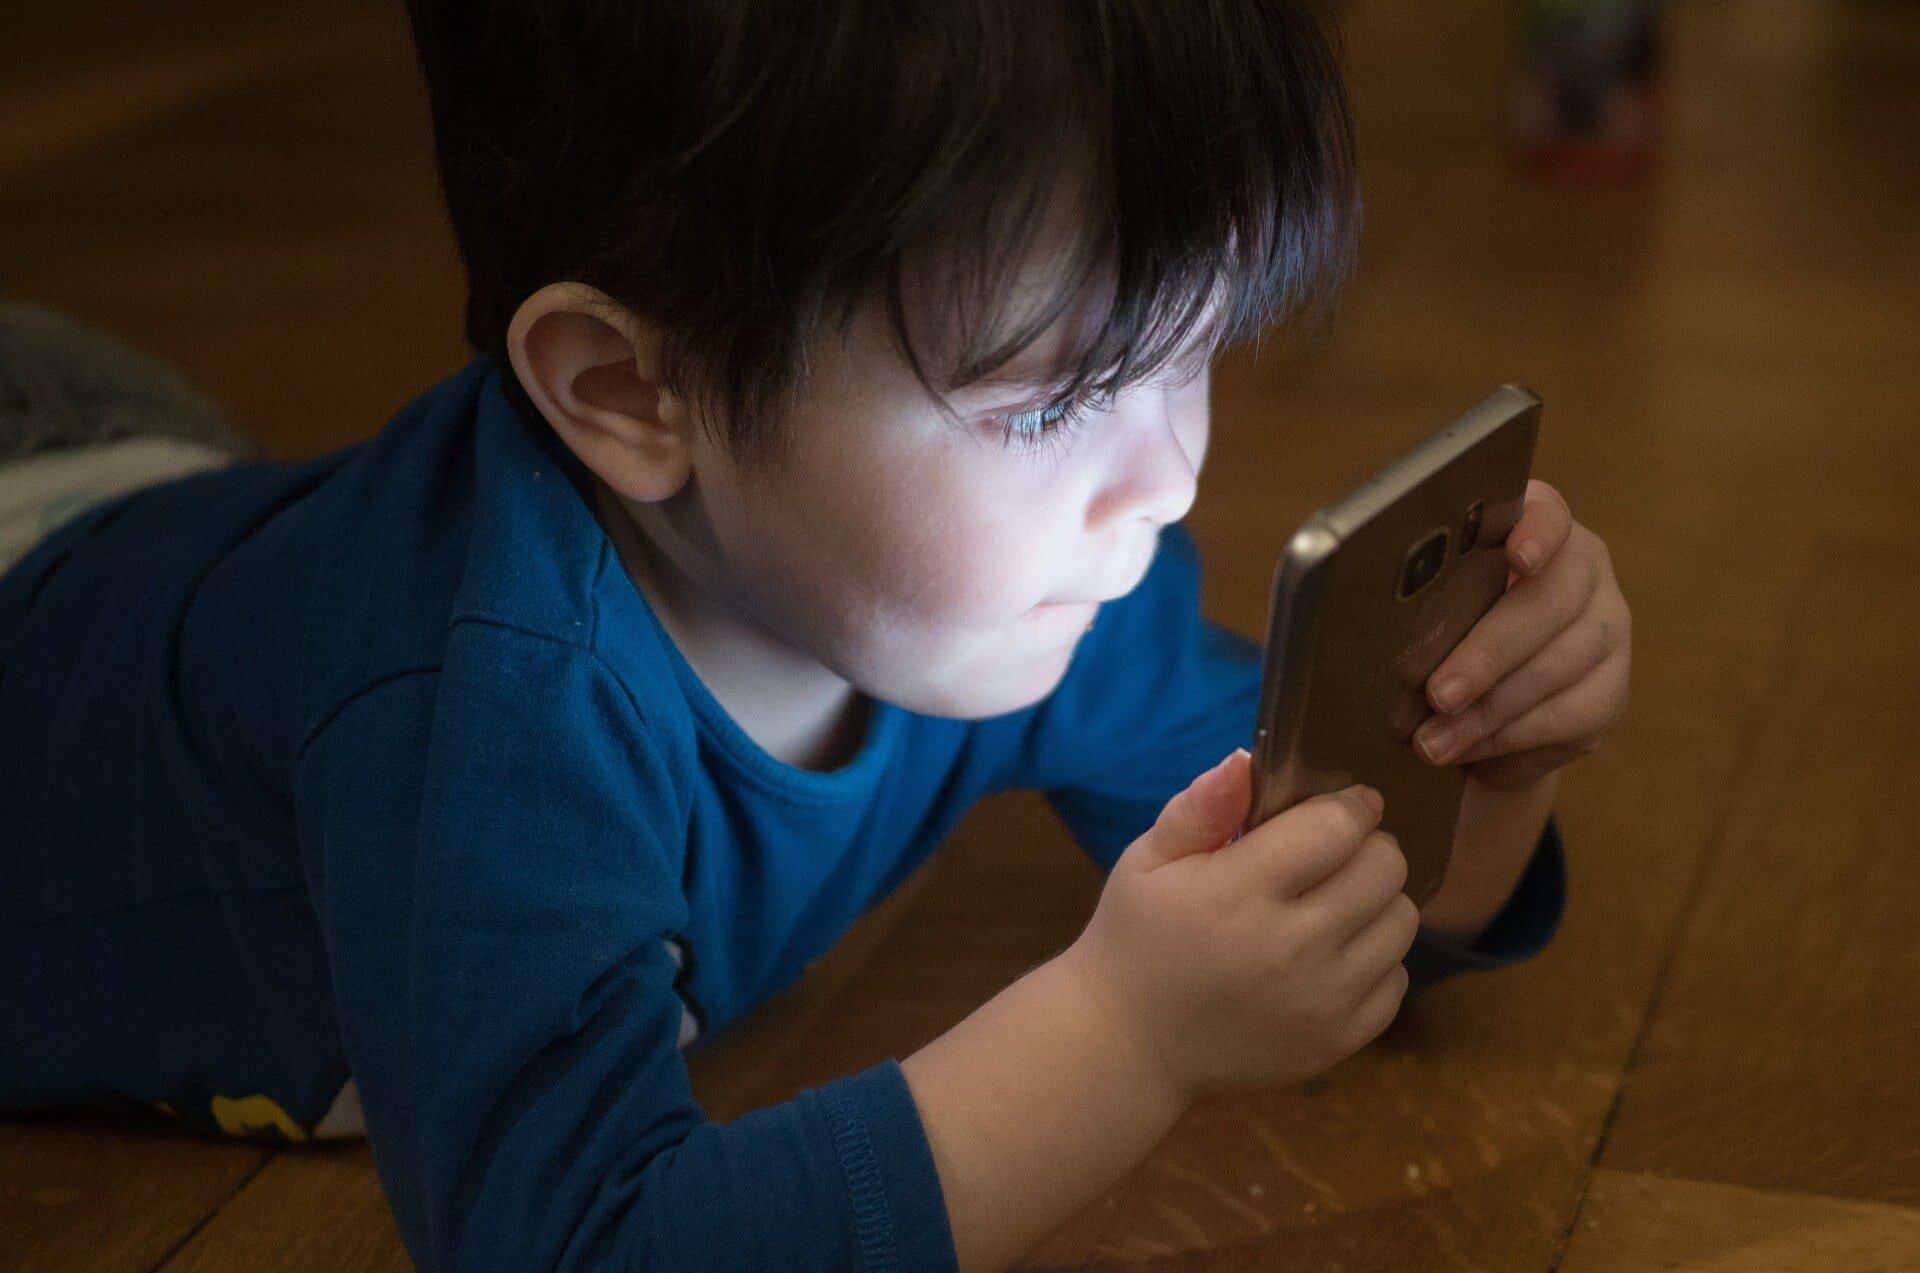 オンラインで赤ちゃんの写真を保護する方法